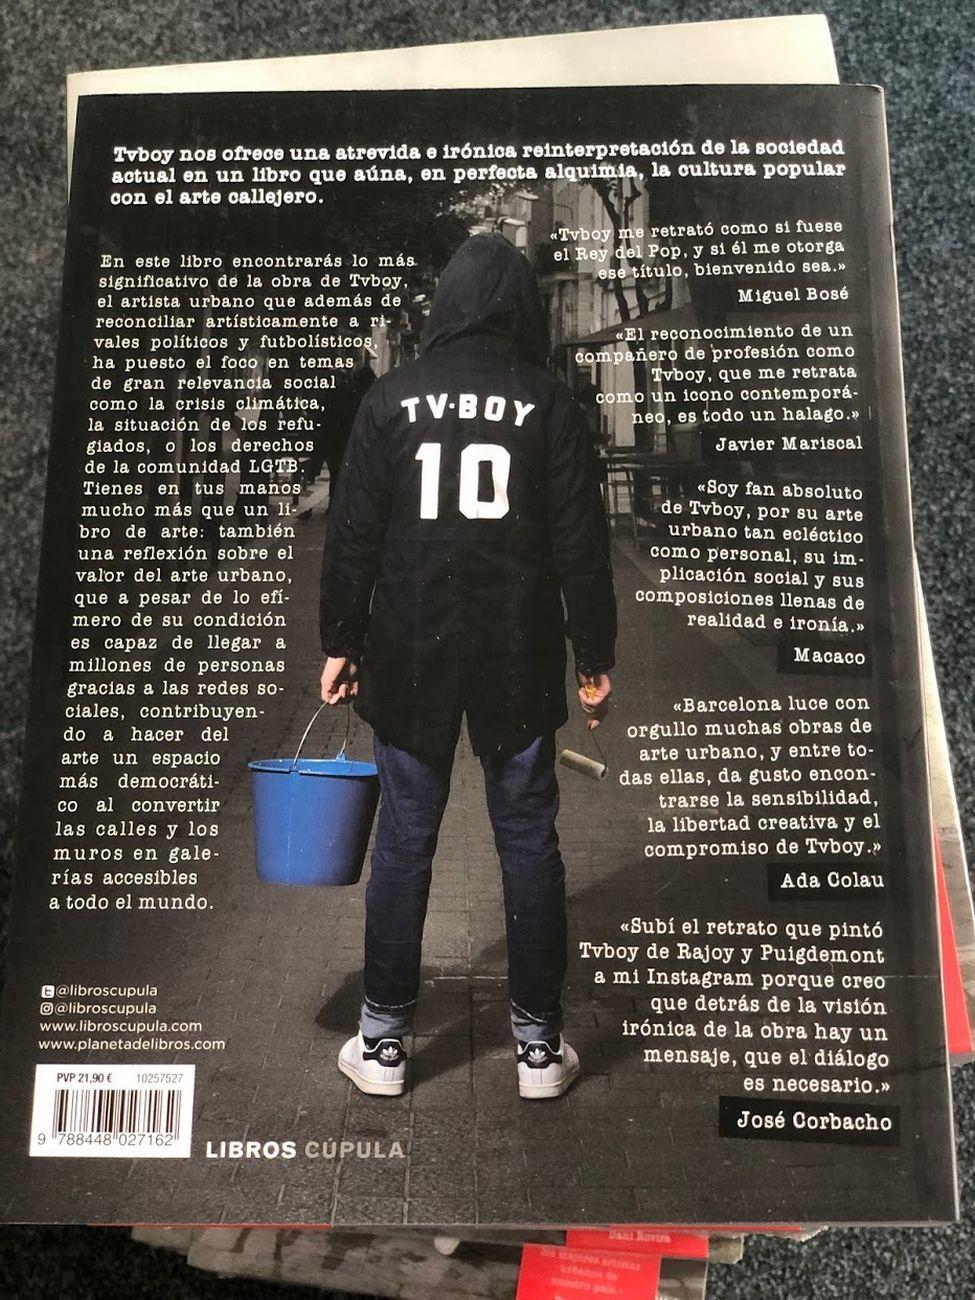 Tvboy – La calle es mi museo (Libros Cúpula, Barcellona 2020)